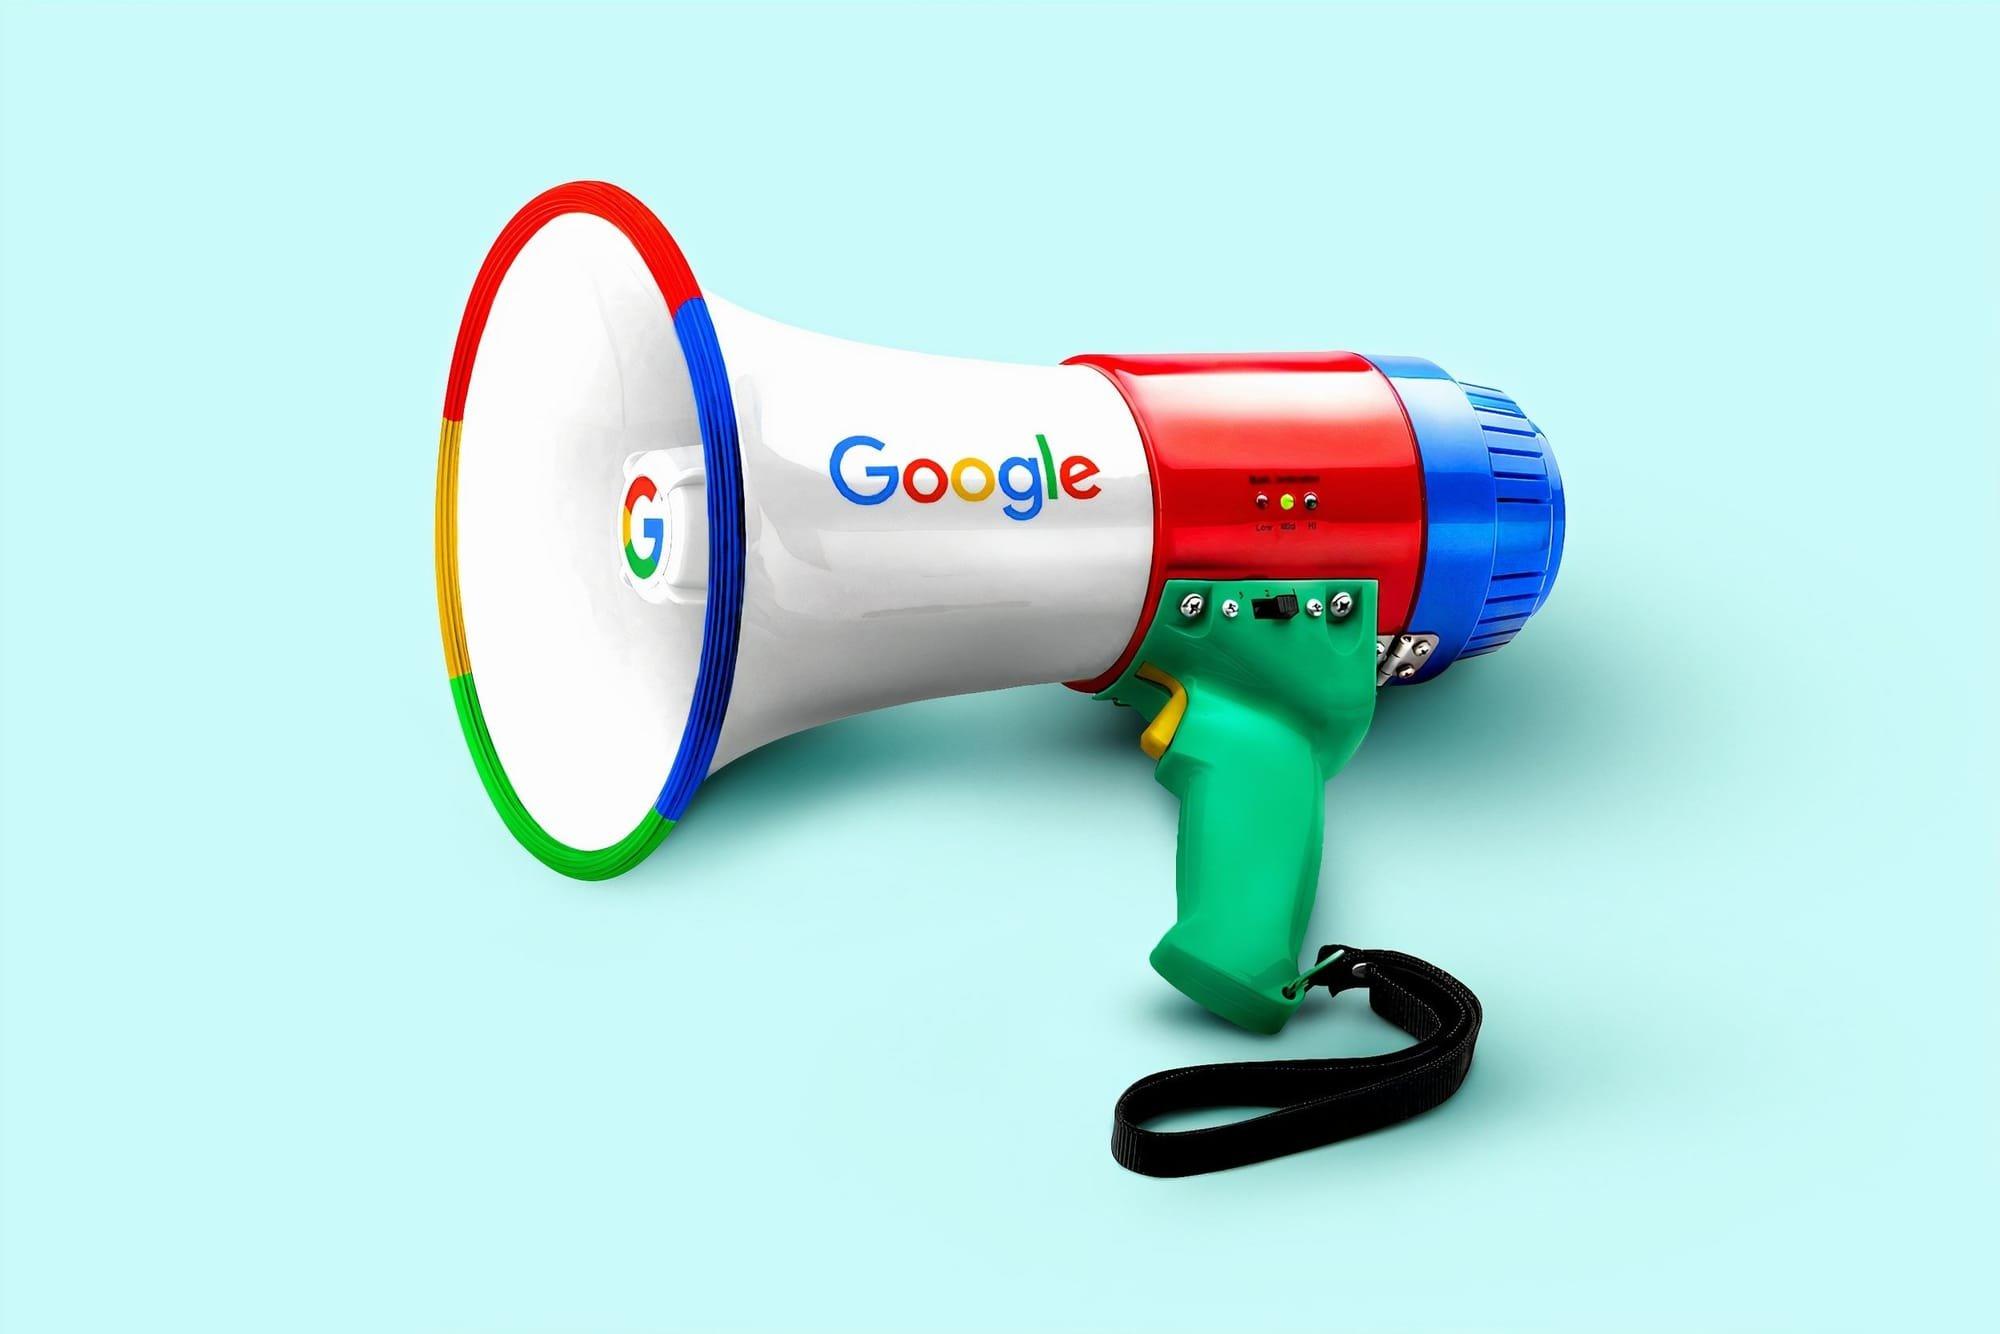 Το Google My Business είναι ΔΩΡΕΑΝ για την επιχείρησή σας